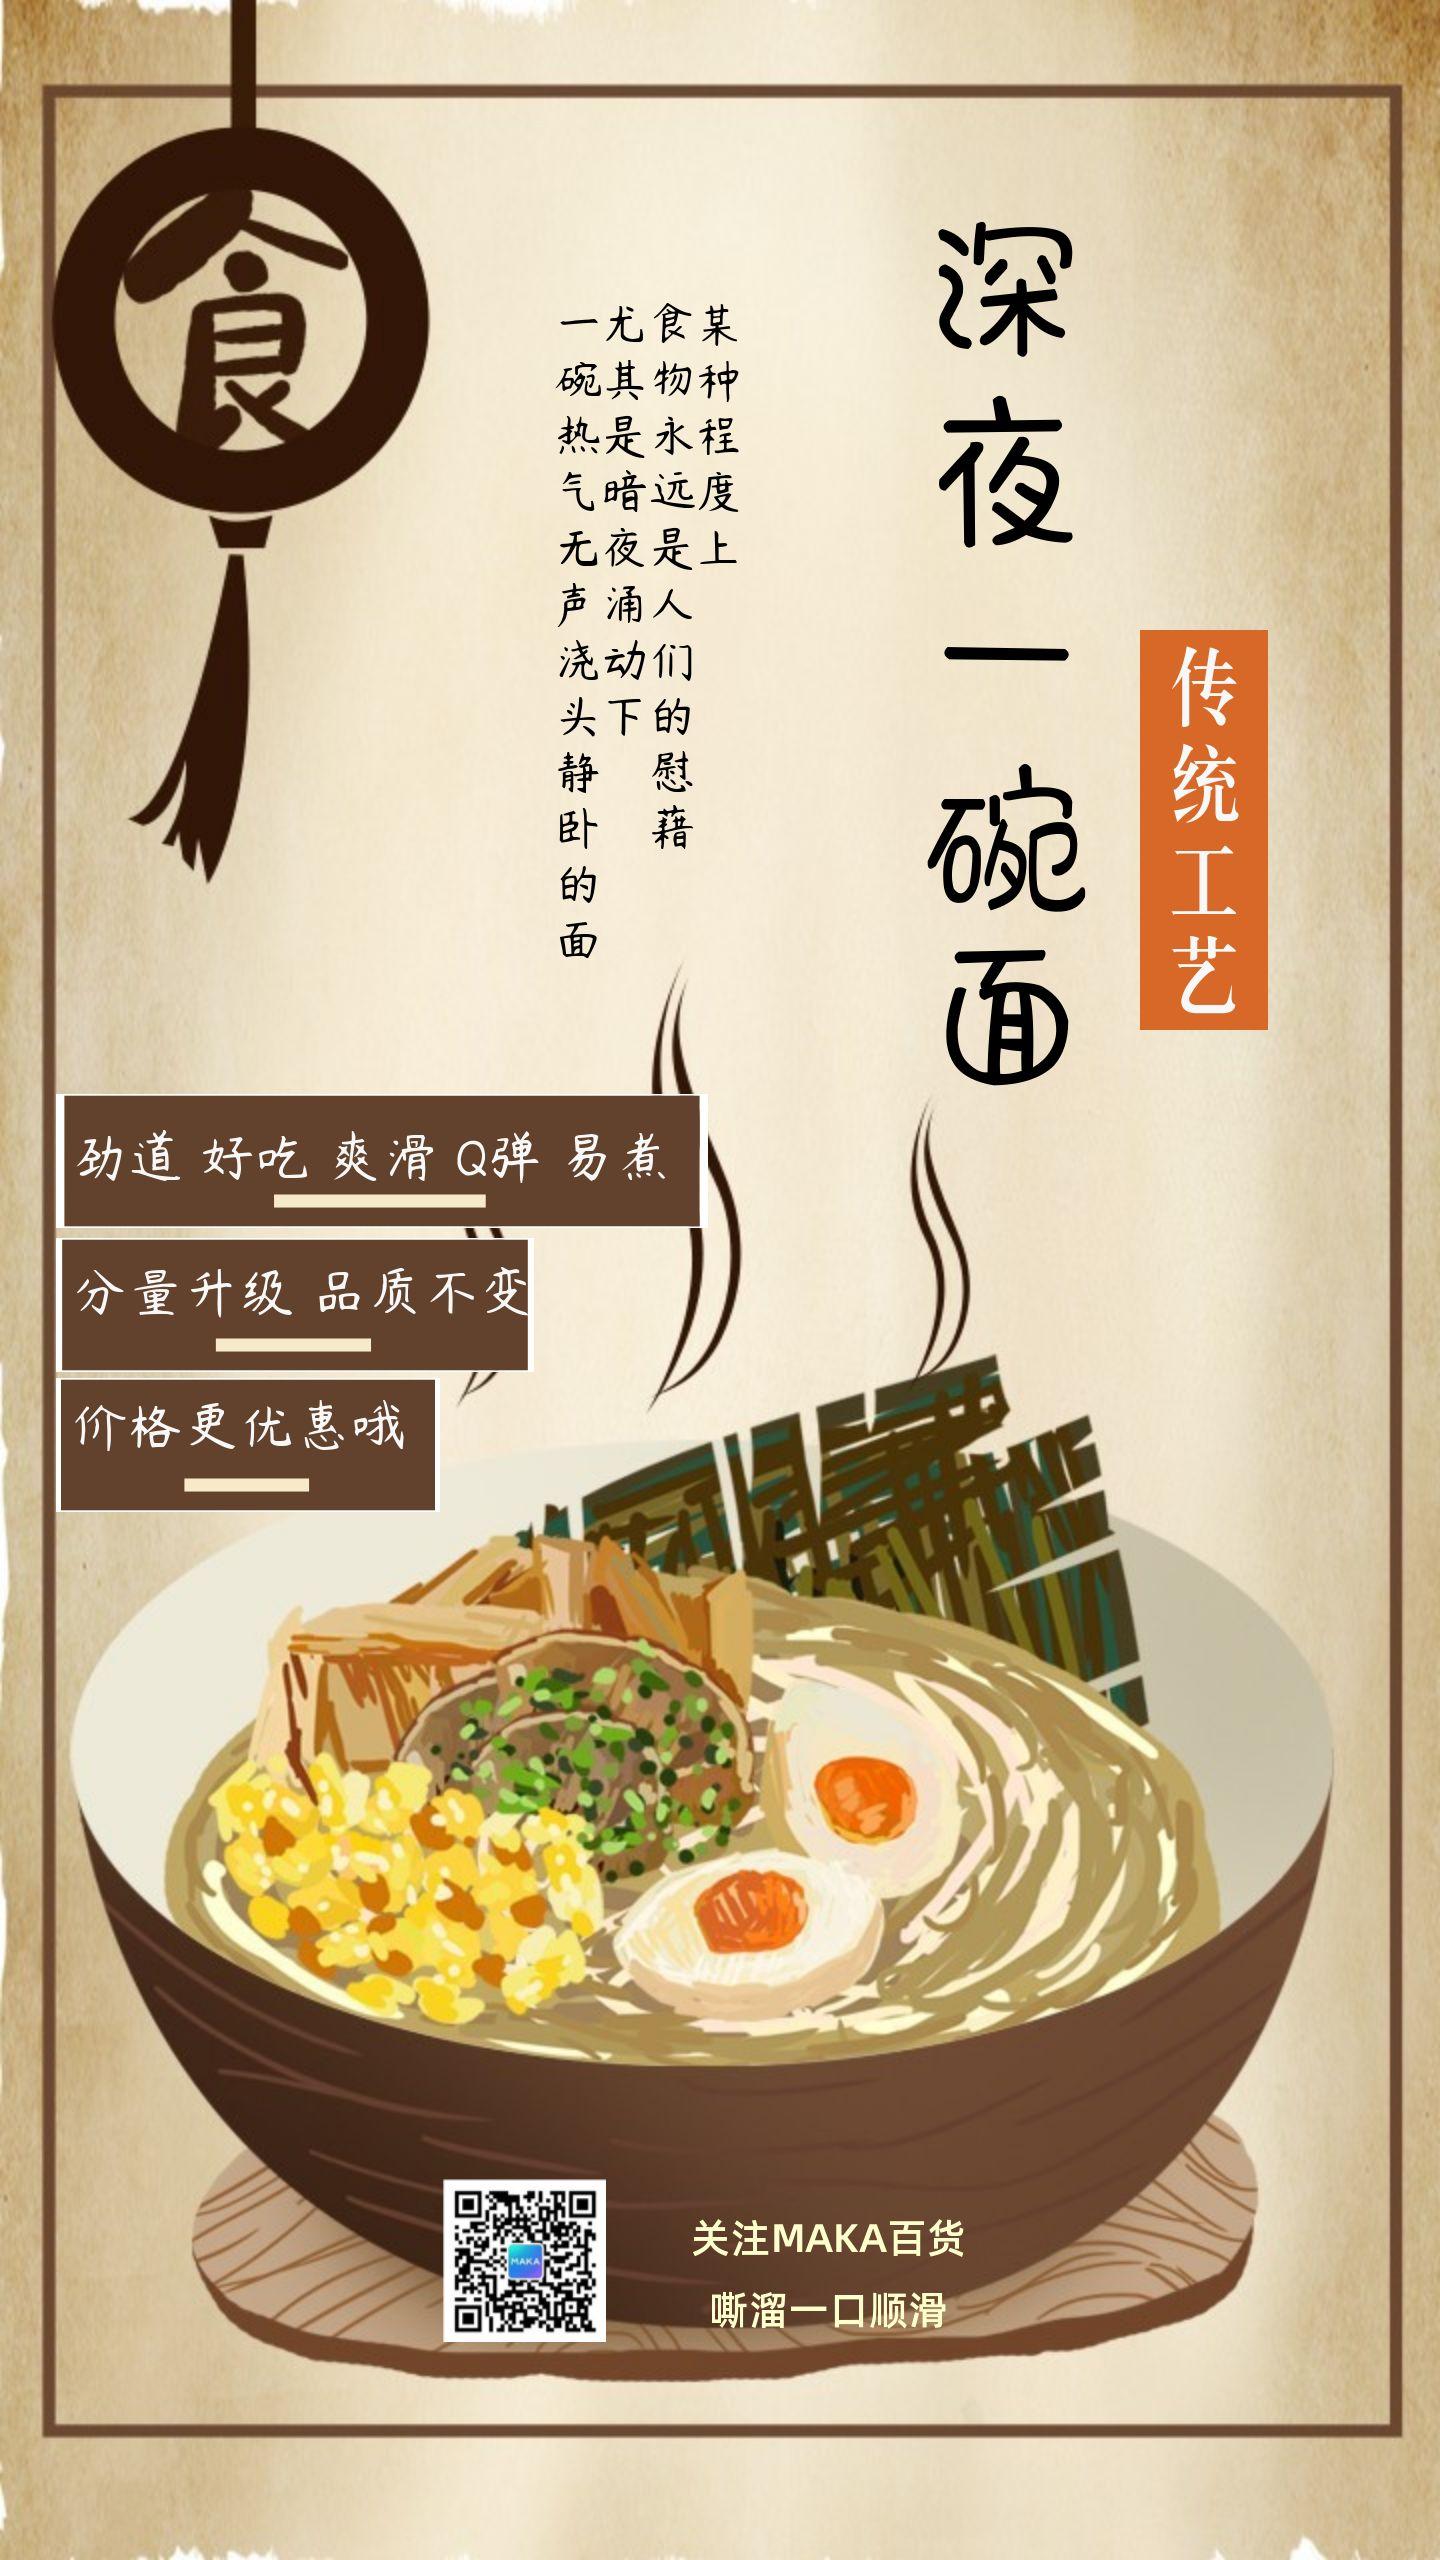 手绘插画餐饮行业油粮行业面条宣传海报